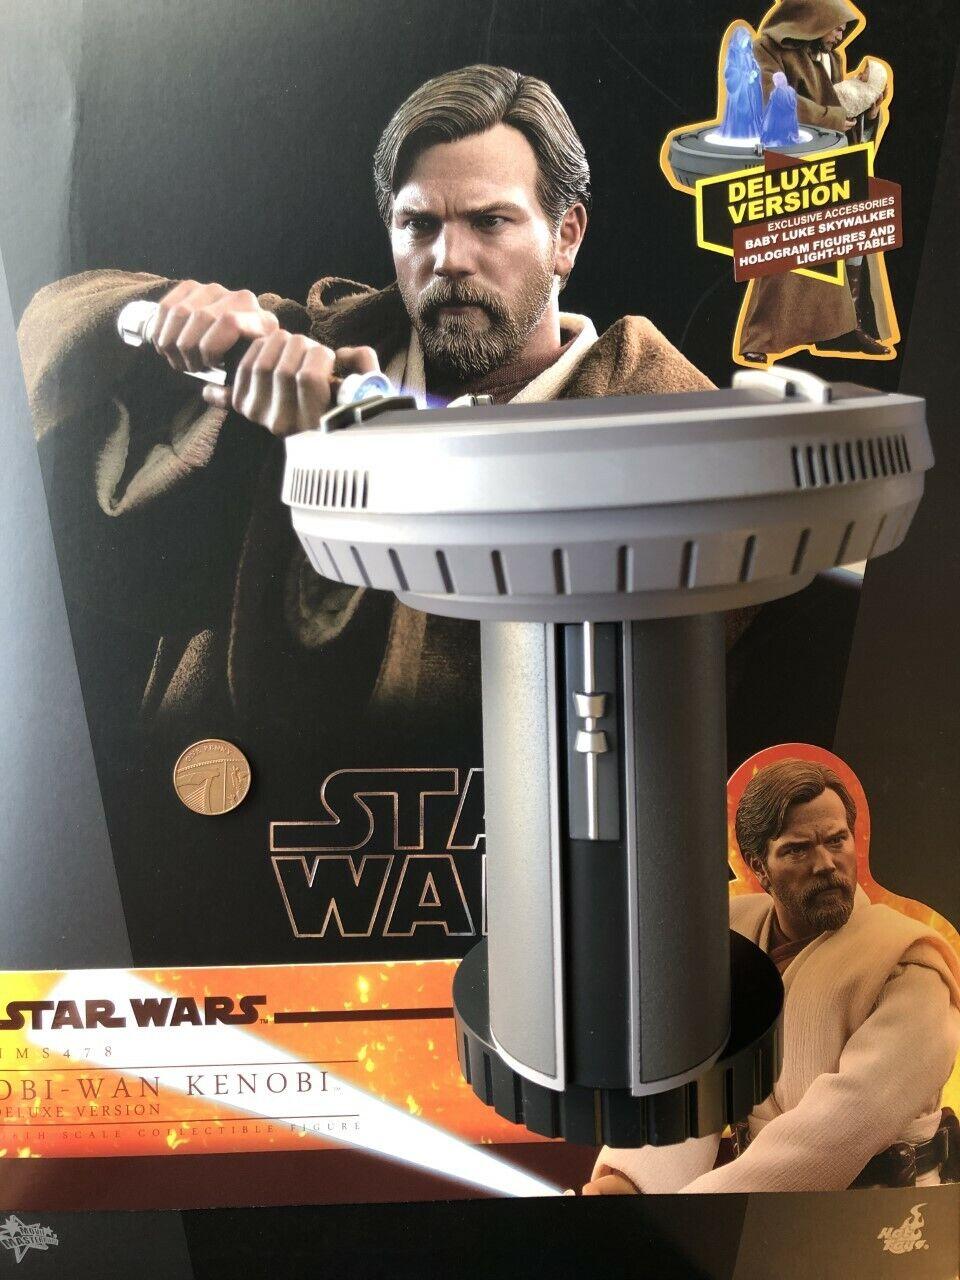 Caliente giocattoli estrella guerras Obi Wan Kenobi  MMS478 DELUXE OLOGRAMMA tabella Loose SCALA 1 6th  consegna e reso gratuiti